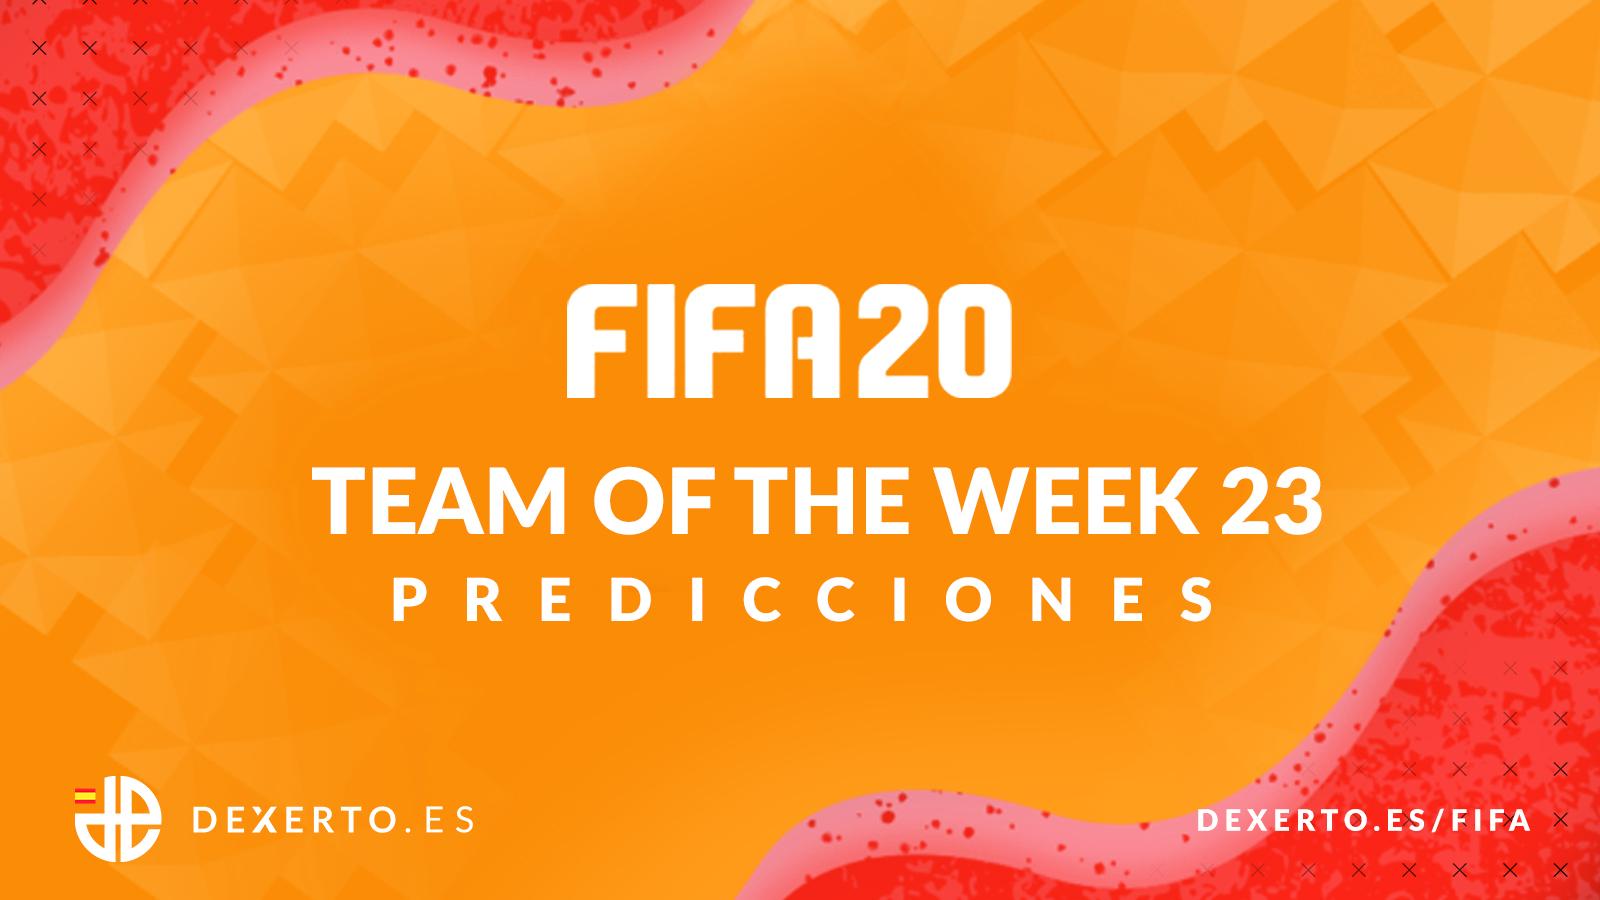 Portada predicciones TOTW 23 FIFA 20